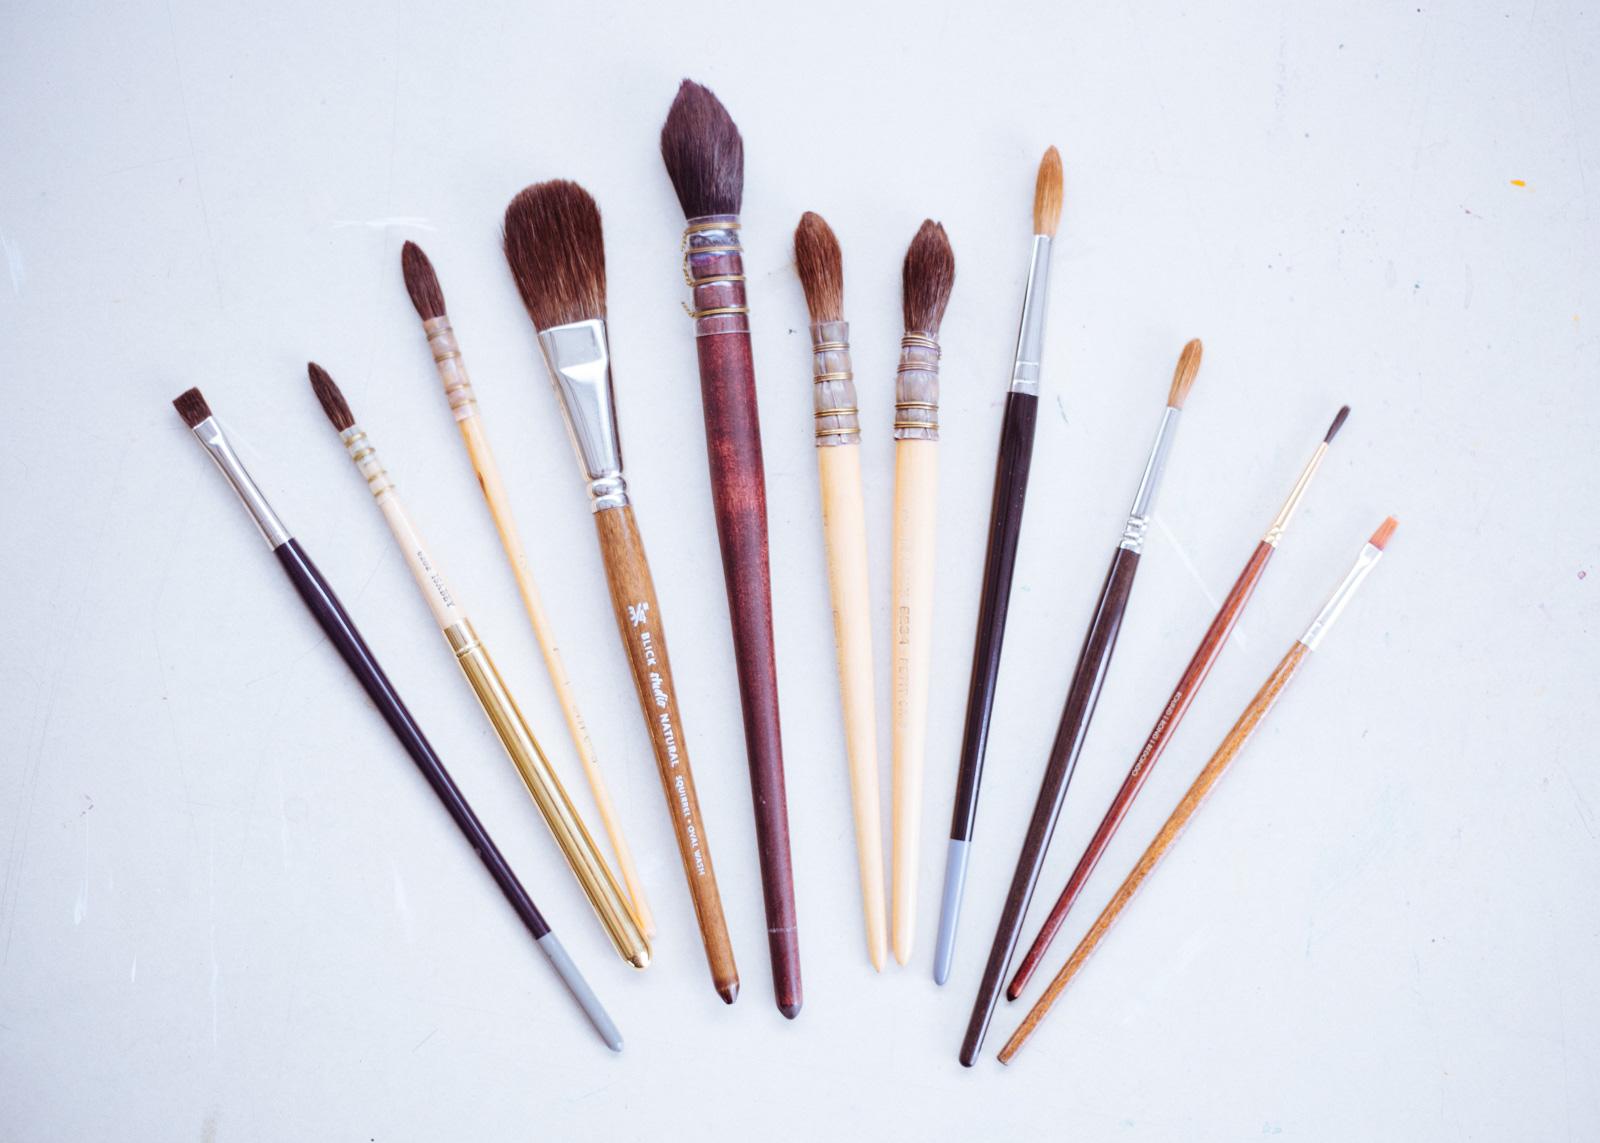 watercolor_classes_tutorial_materials_durham_nc_brushes_beginner.jpg